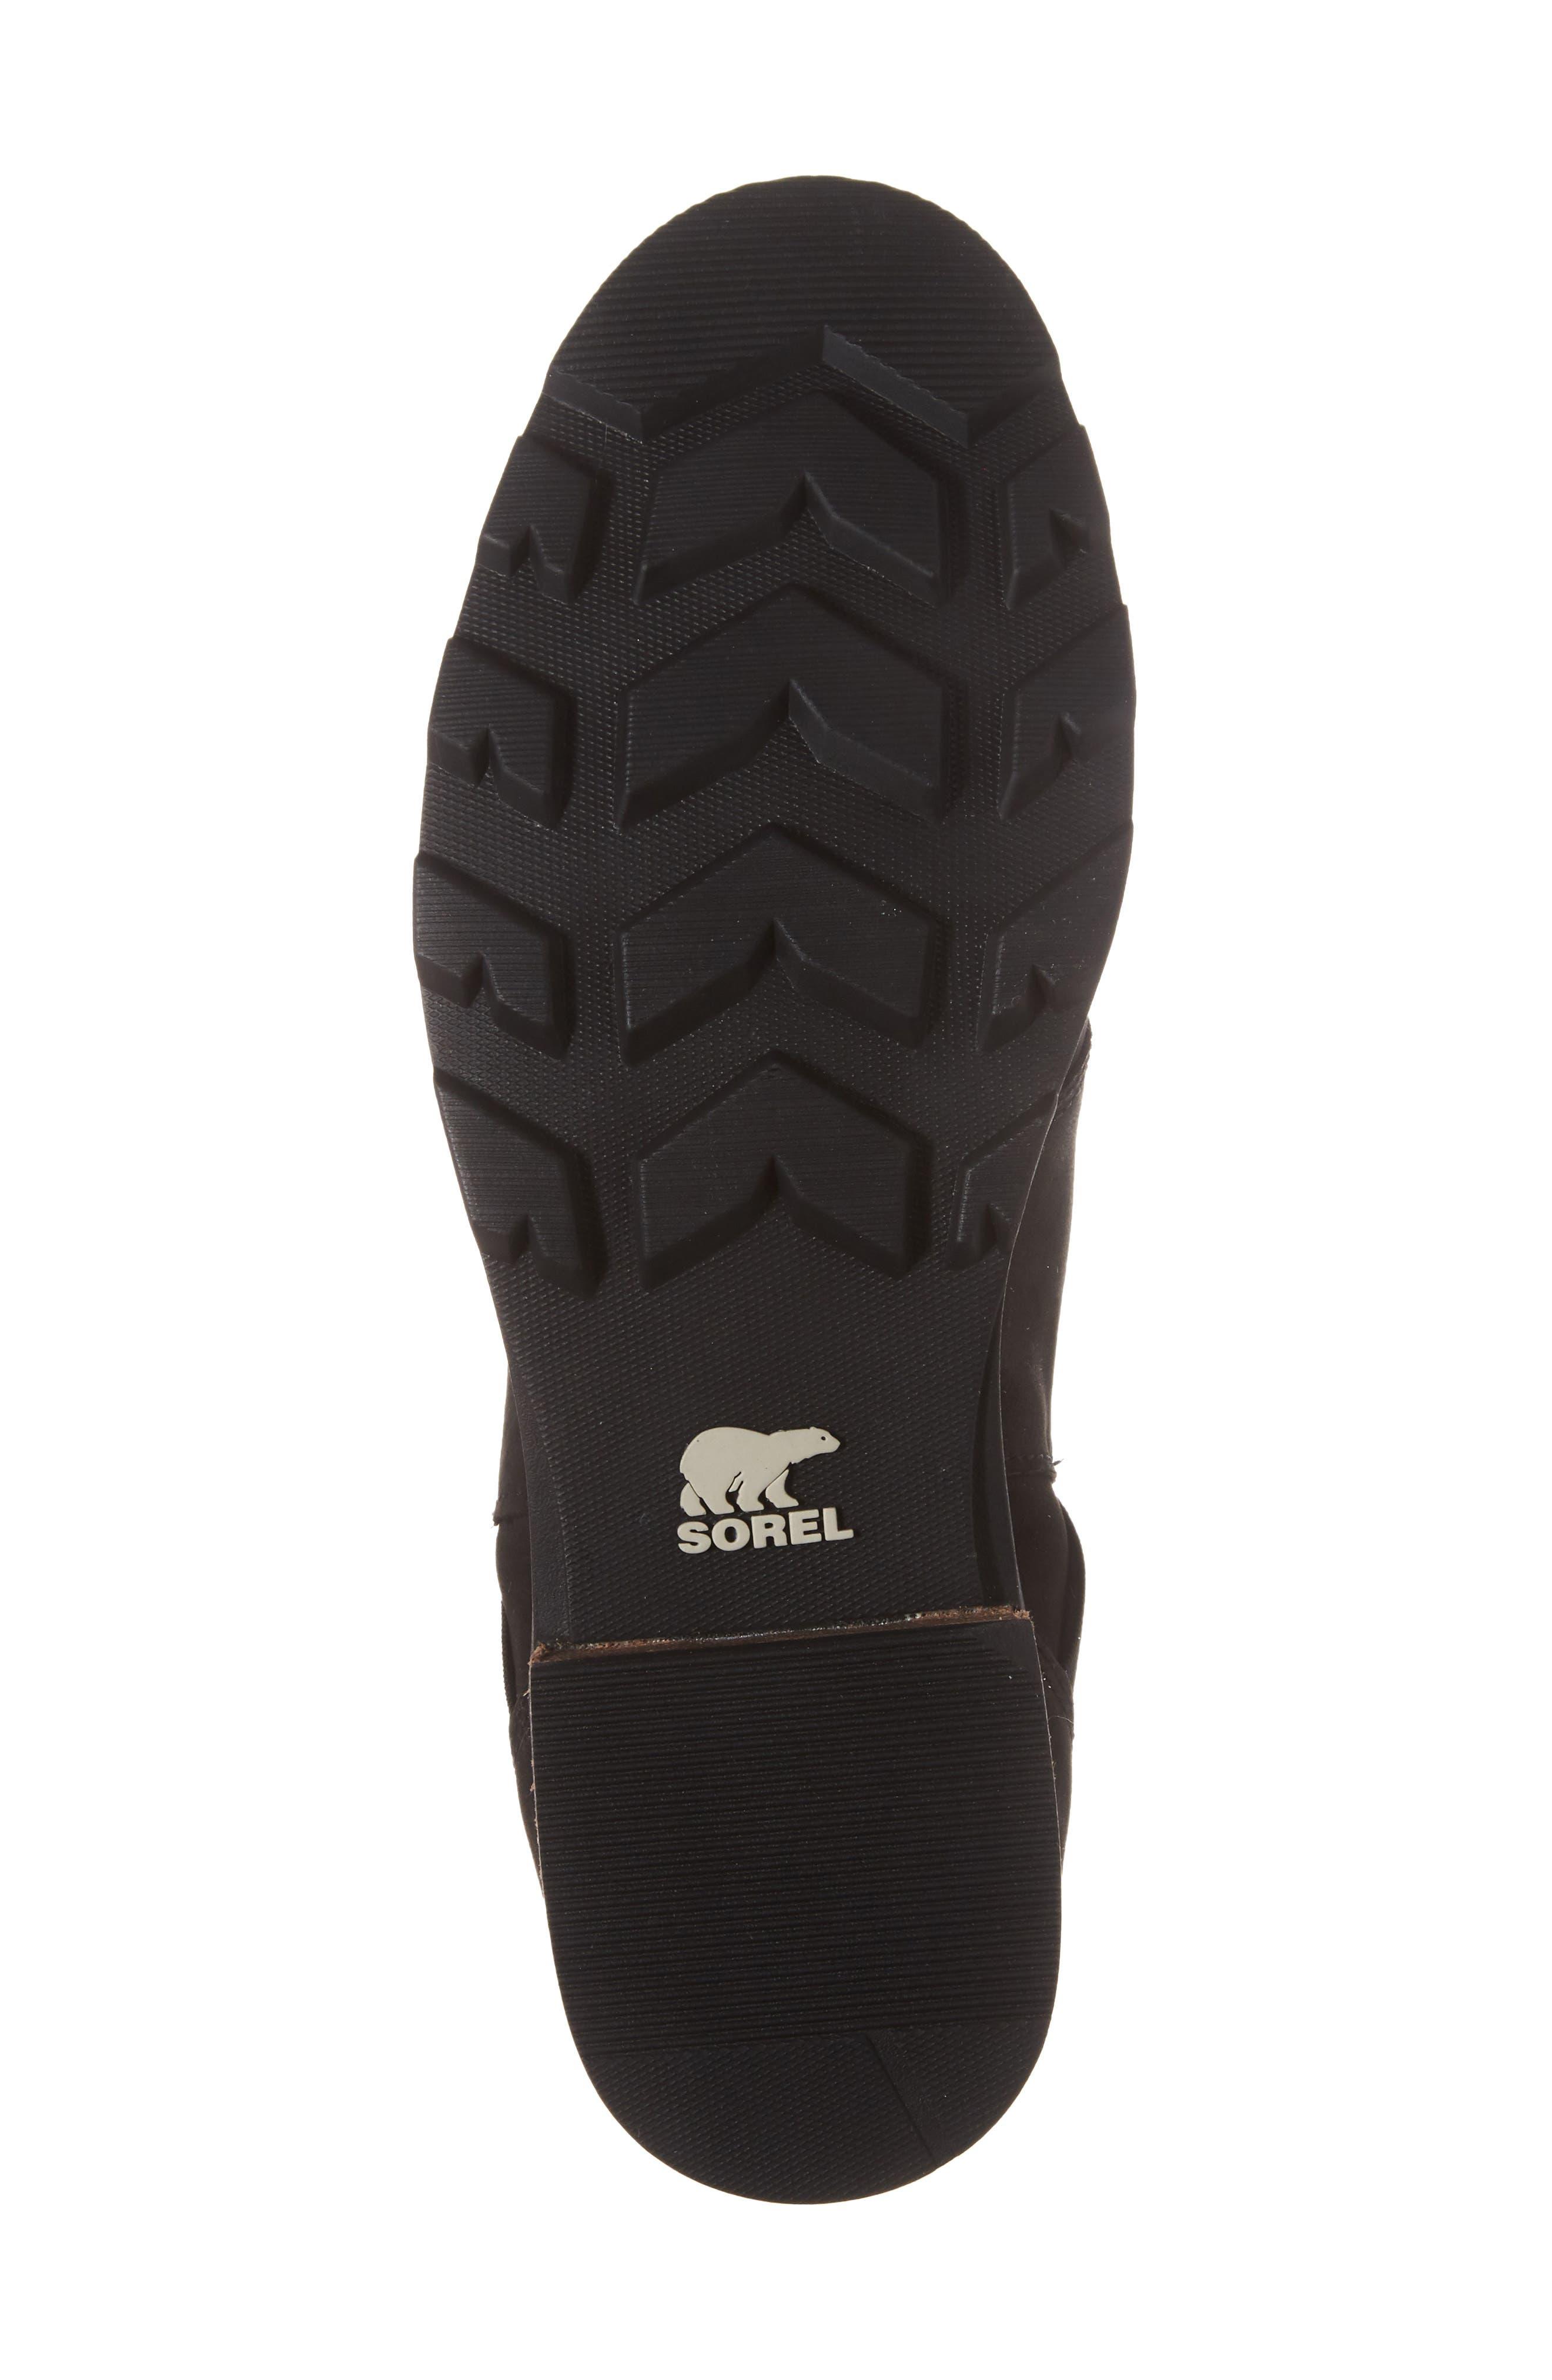 Emelie Waterproof Chelsea Boot,                             Alternate thumbnail 6, color,                             Black/ Black